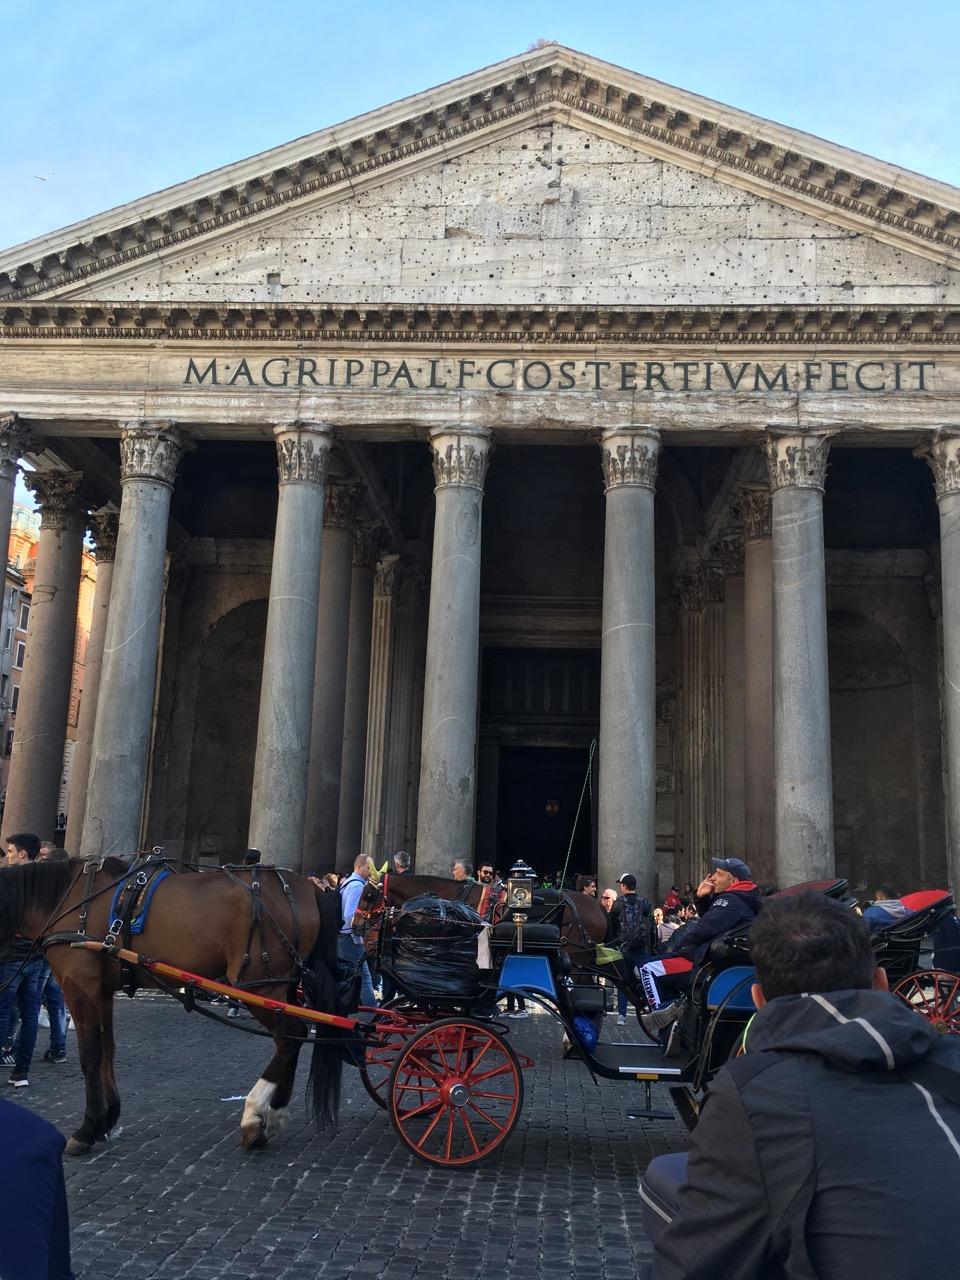 """M•AGRIPPA•L•F•COS•TERTIUM•FECIT,意即""""吕奇乌斯的儿子、三度执政官玛尔库斯•阿格里巴建造此庙"""",实际上阿格里巴所建已经被焚毁,现在看到的是由罗马皇帝哈德良下令重建的"""